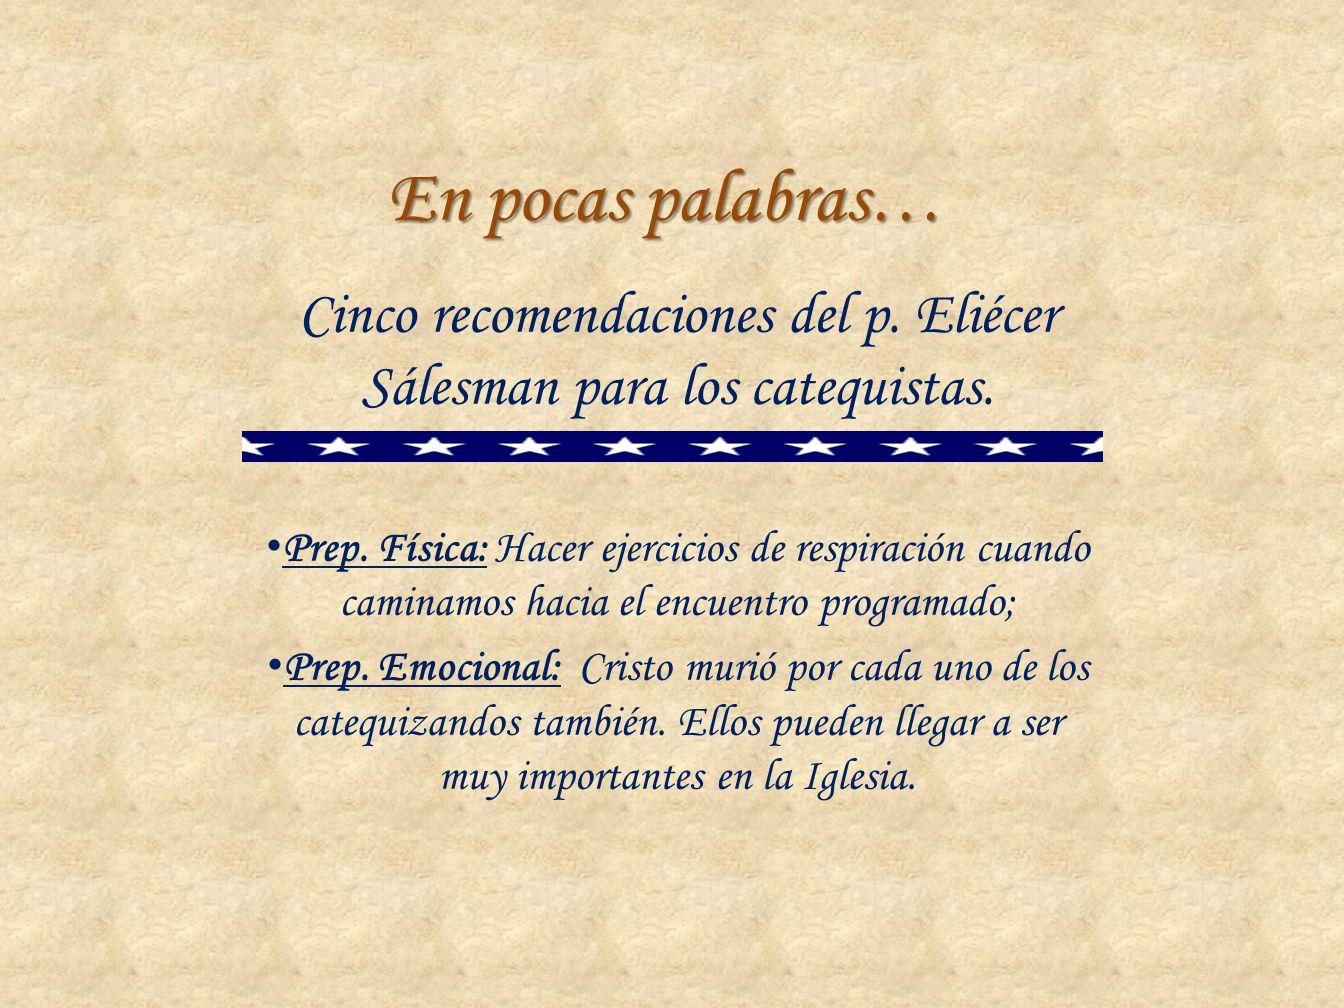 Cinco recomendaciones del p. Eliécer Sálesman para los catequistas.